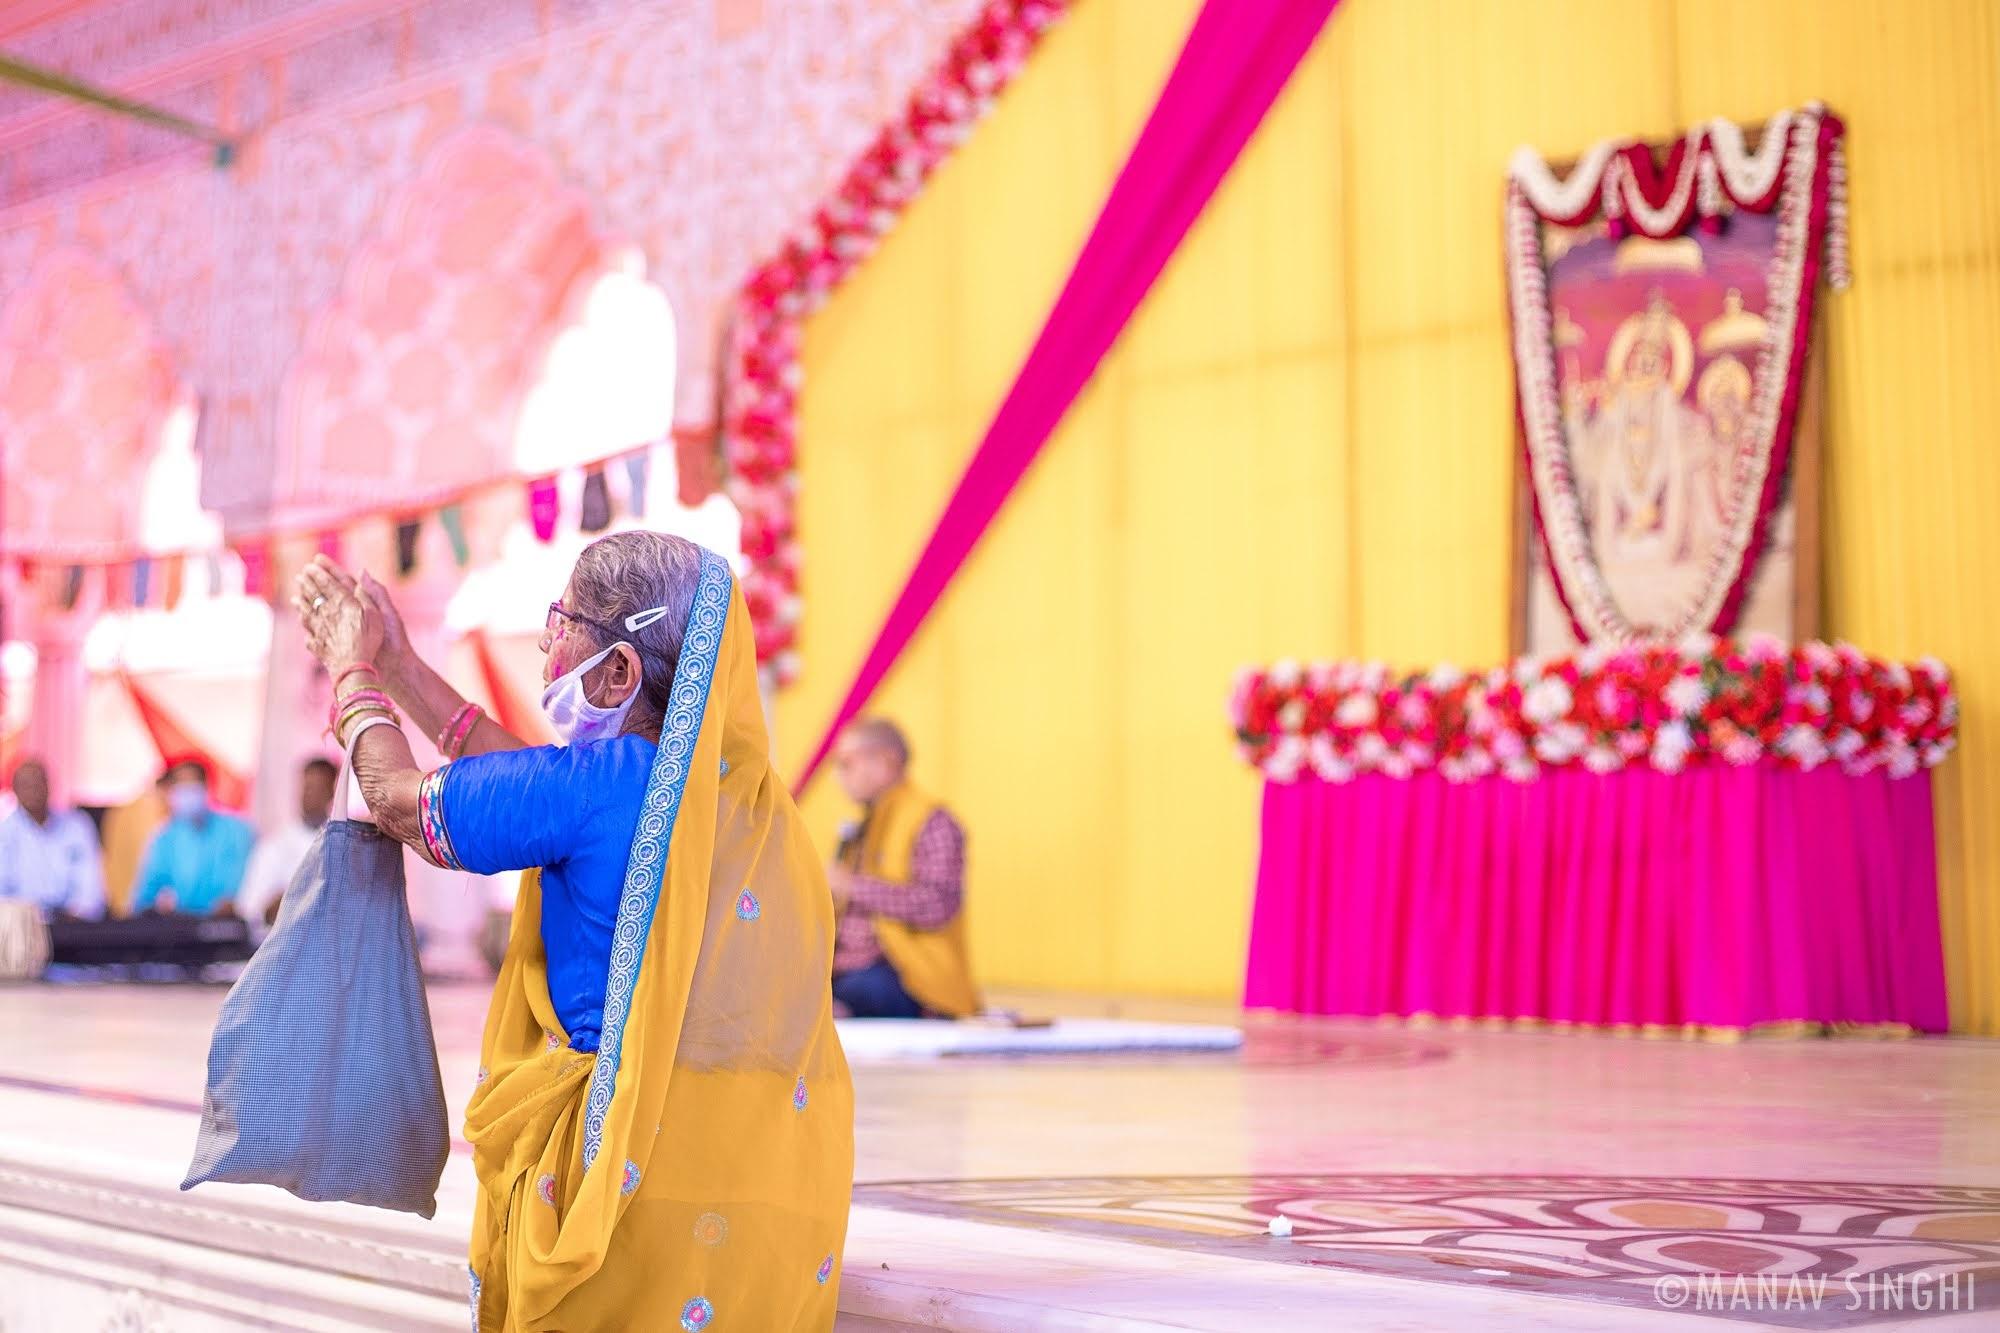 Fagotsav, Govind DevJi Mandir, Jaipur - 2021